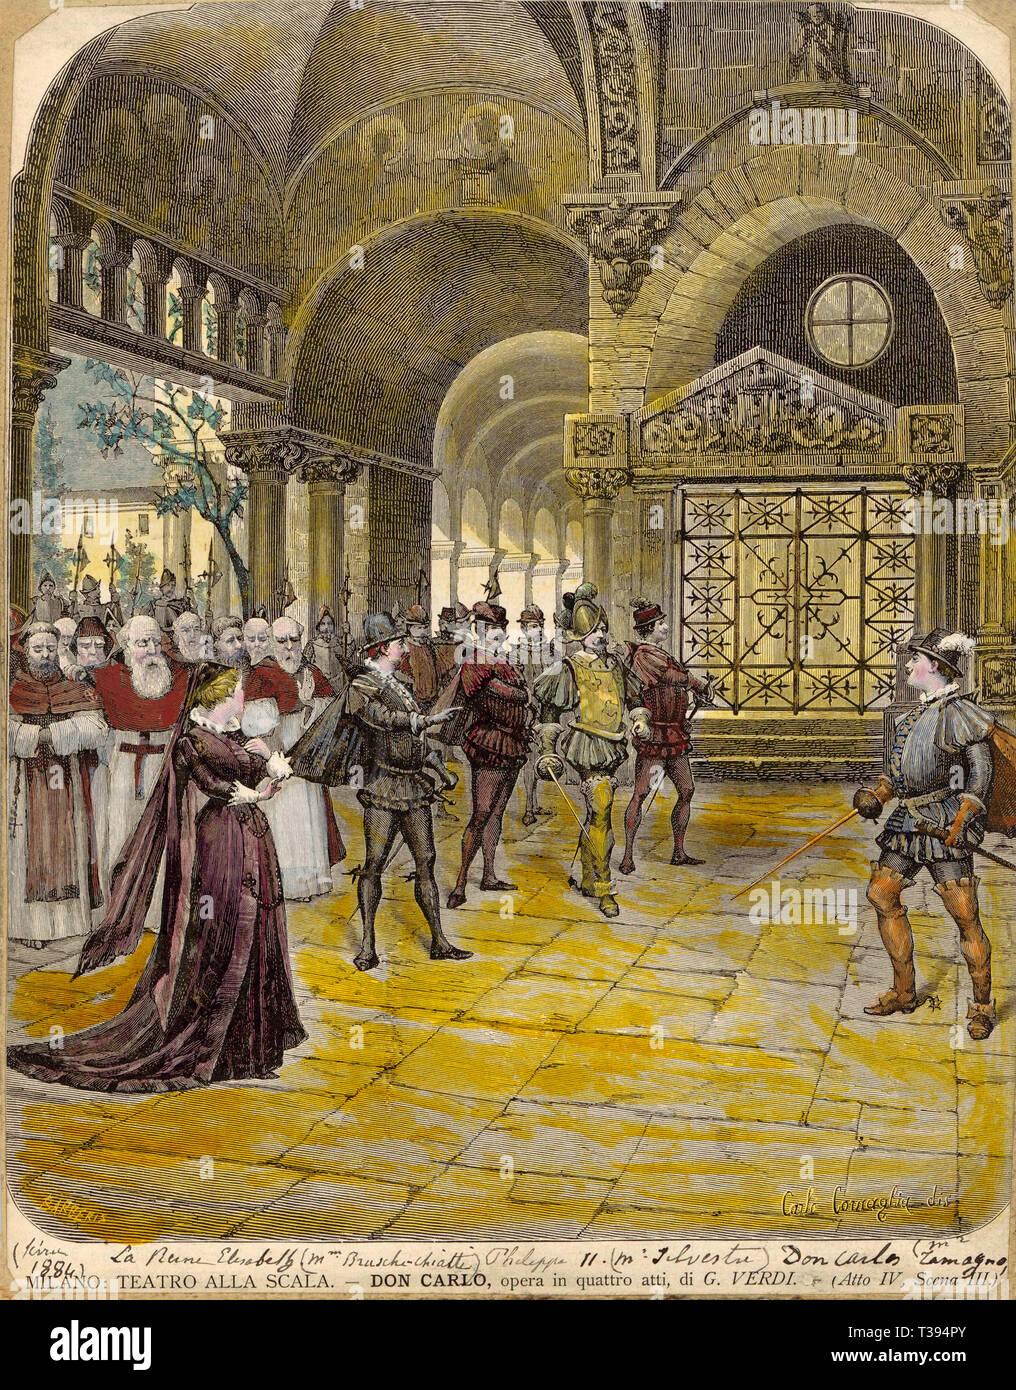 Don Carlos, ilustración de Don Carlos, ópera compuesta por Giuseppe Verdi la Ley IV, V en la versión original, Don Carlos, un cinco-act grand ópera compuesta por Giuseppe Verdi Imagen De Stock